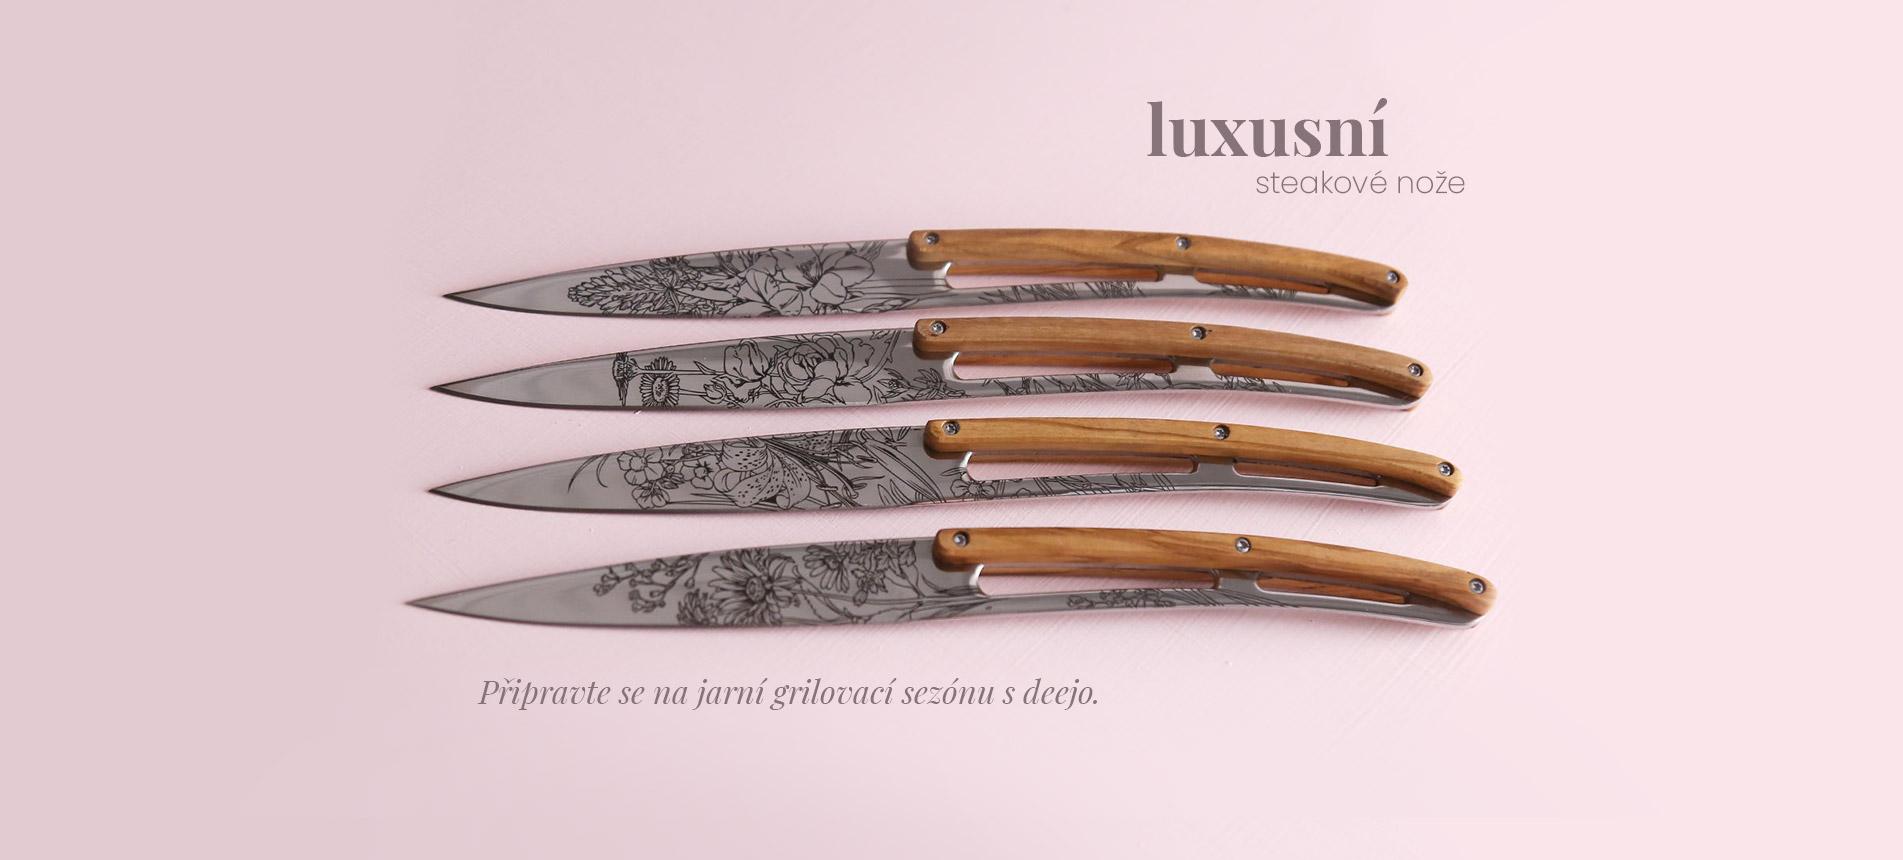 Luxusní steakové nože deejo